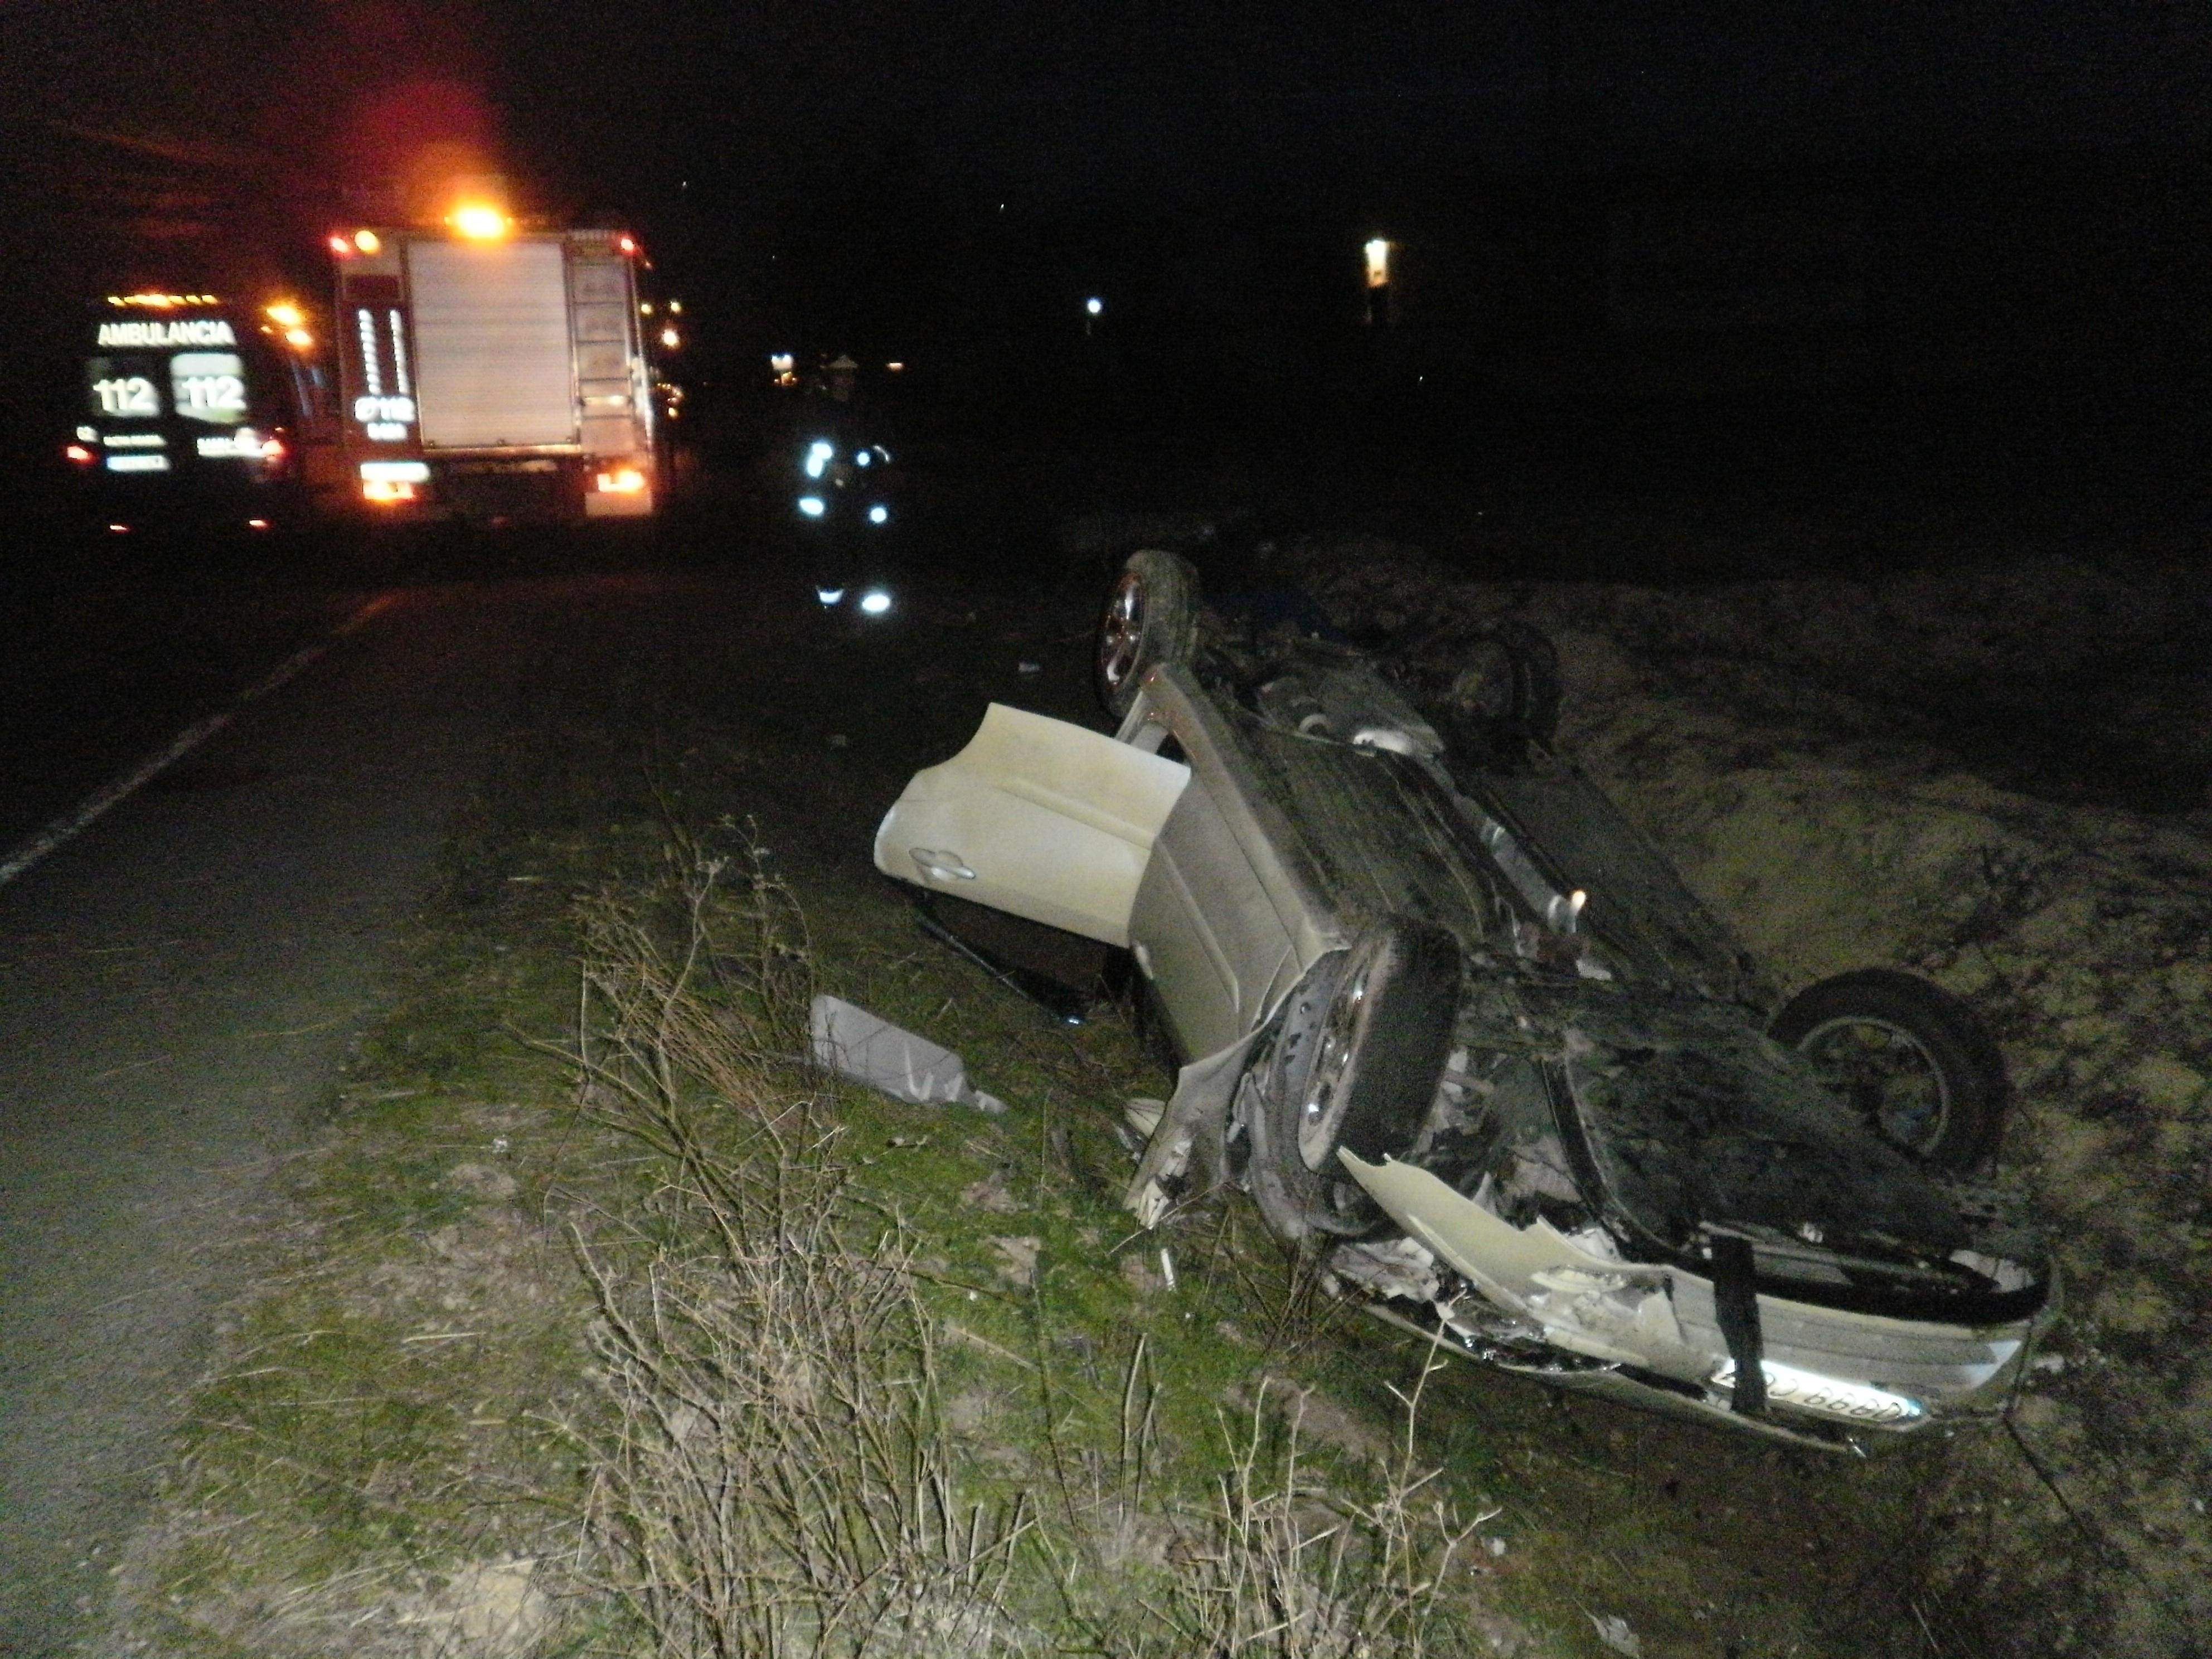 El 061 atendió a 79 personas por 64 accidentes de tráfico registrados el fin de semana en Galicia, de las que 2 murieron